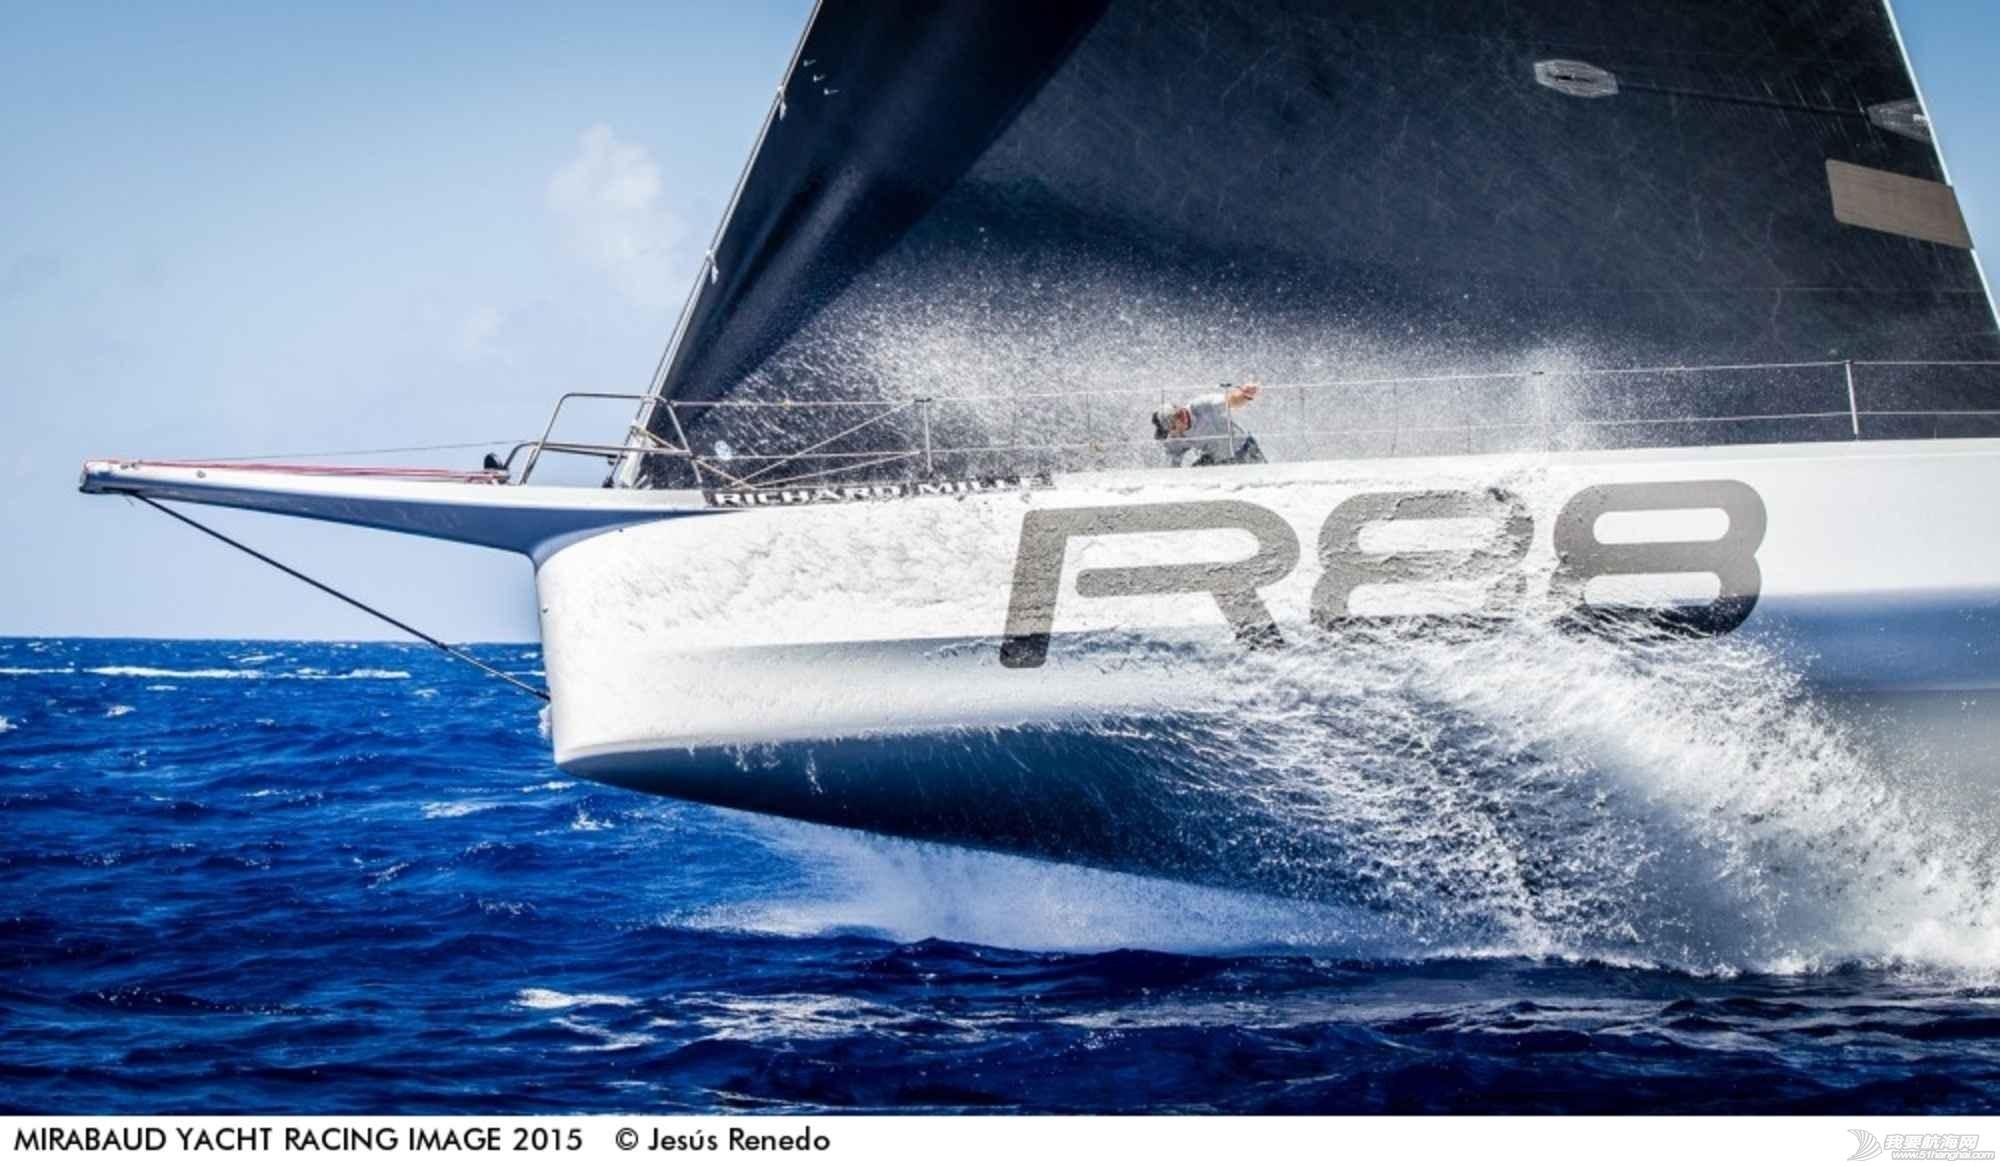 2015年MIRABAUD帆船赛摄影奖候选作品展~ d056efc661b21400547c80a81b31e2bc.jpg